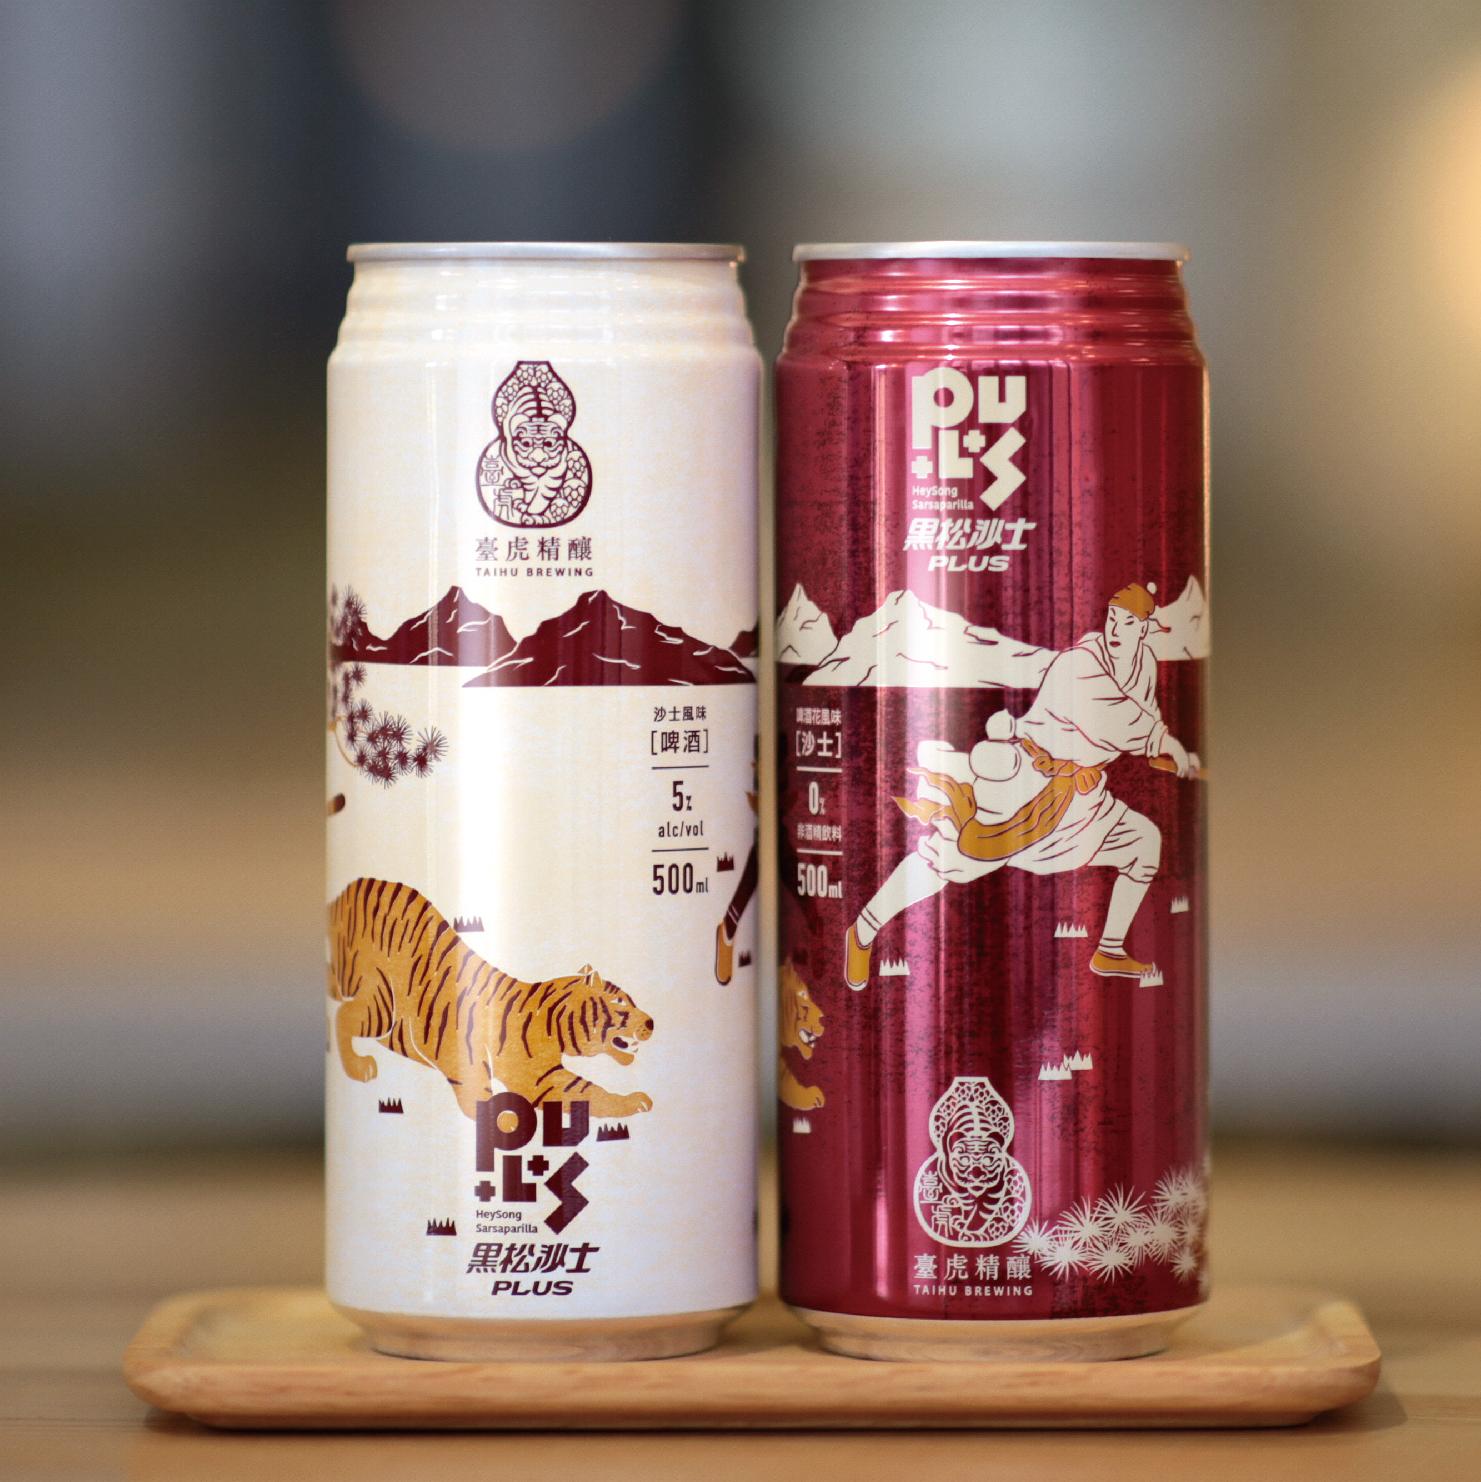 到底是沙士還是啤酒?黑松沙士Plus x 臺虎精釀聯名飲品全台 7-ELEVEN 獨家上市